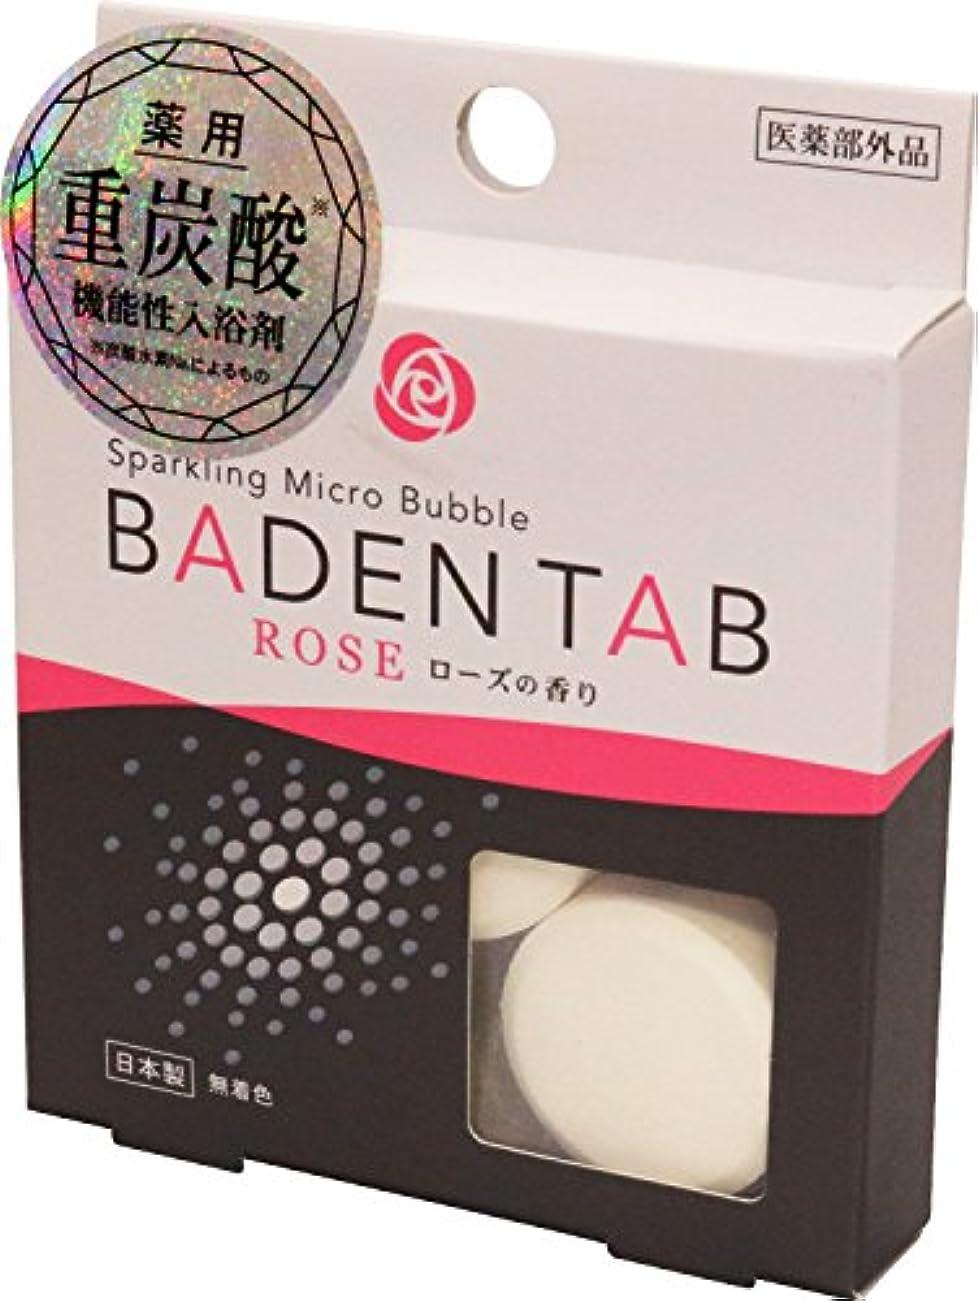 こっそり卒業潜む紀陽除虫菊 薬用 重炭酸 機能性入浴剤 バーデンタブ ローズの香り 5錠